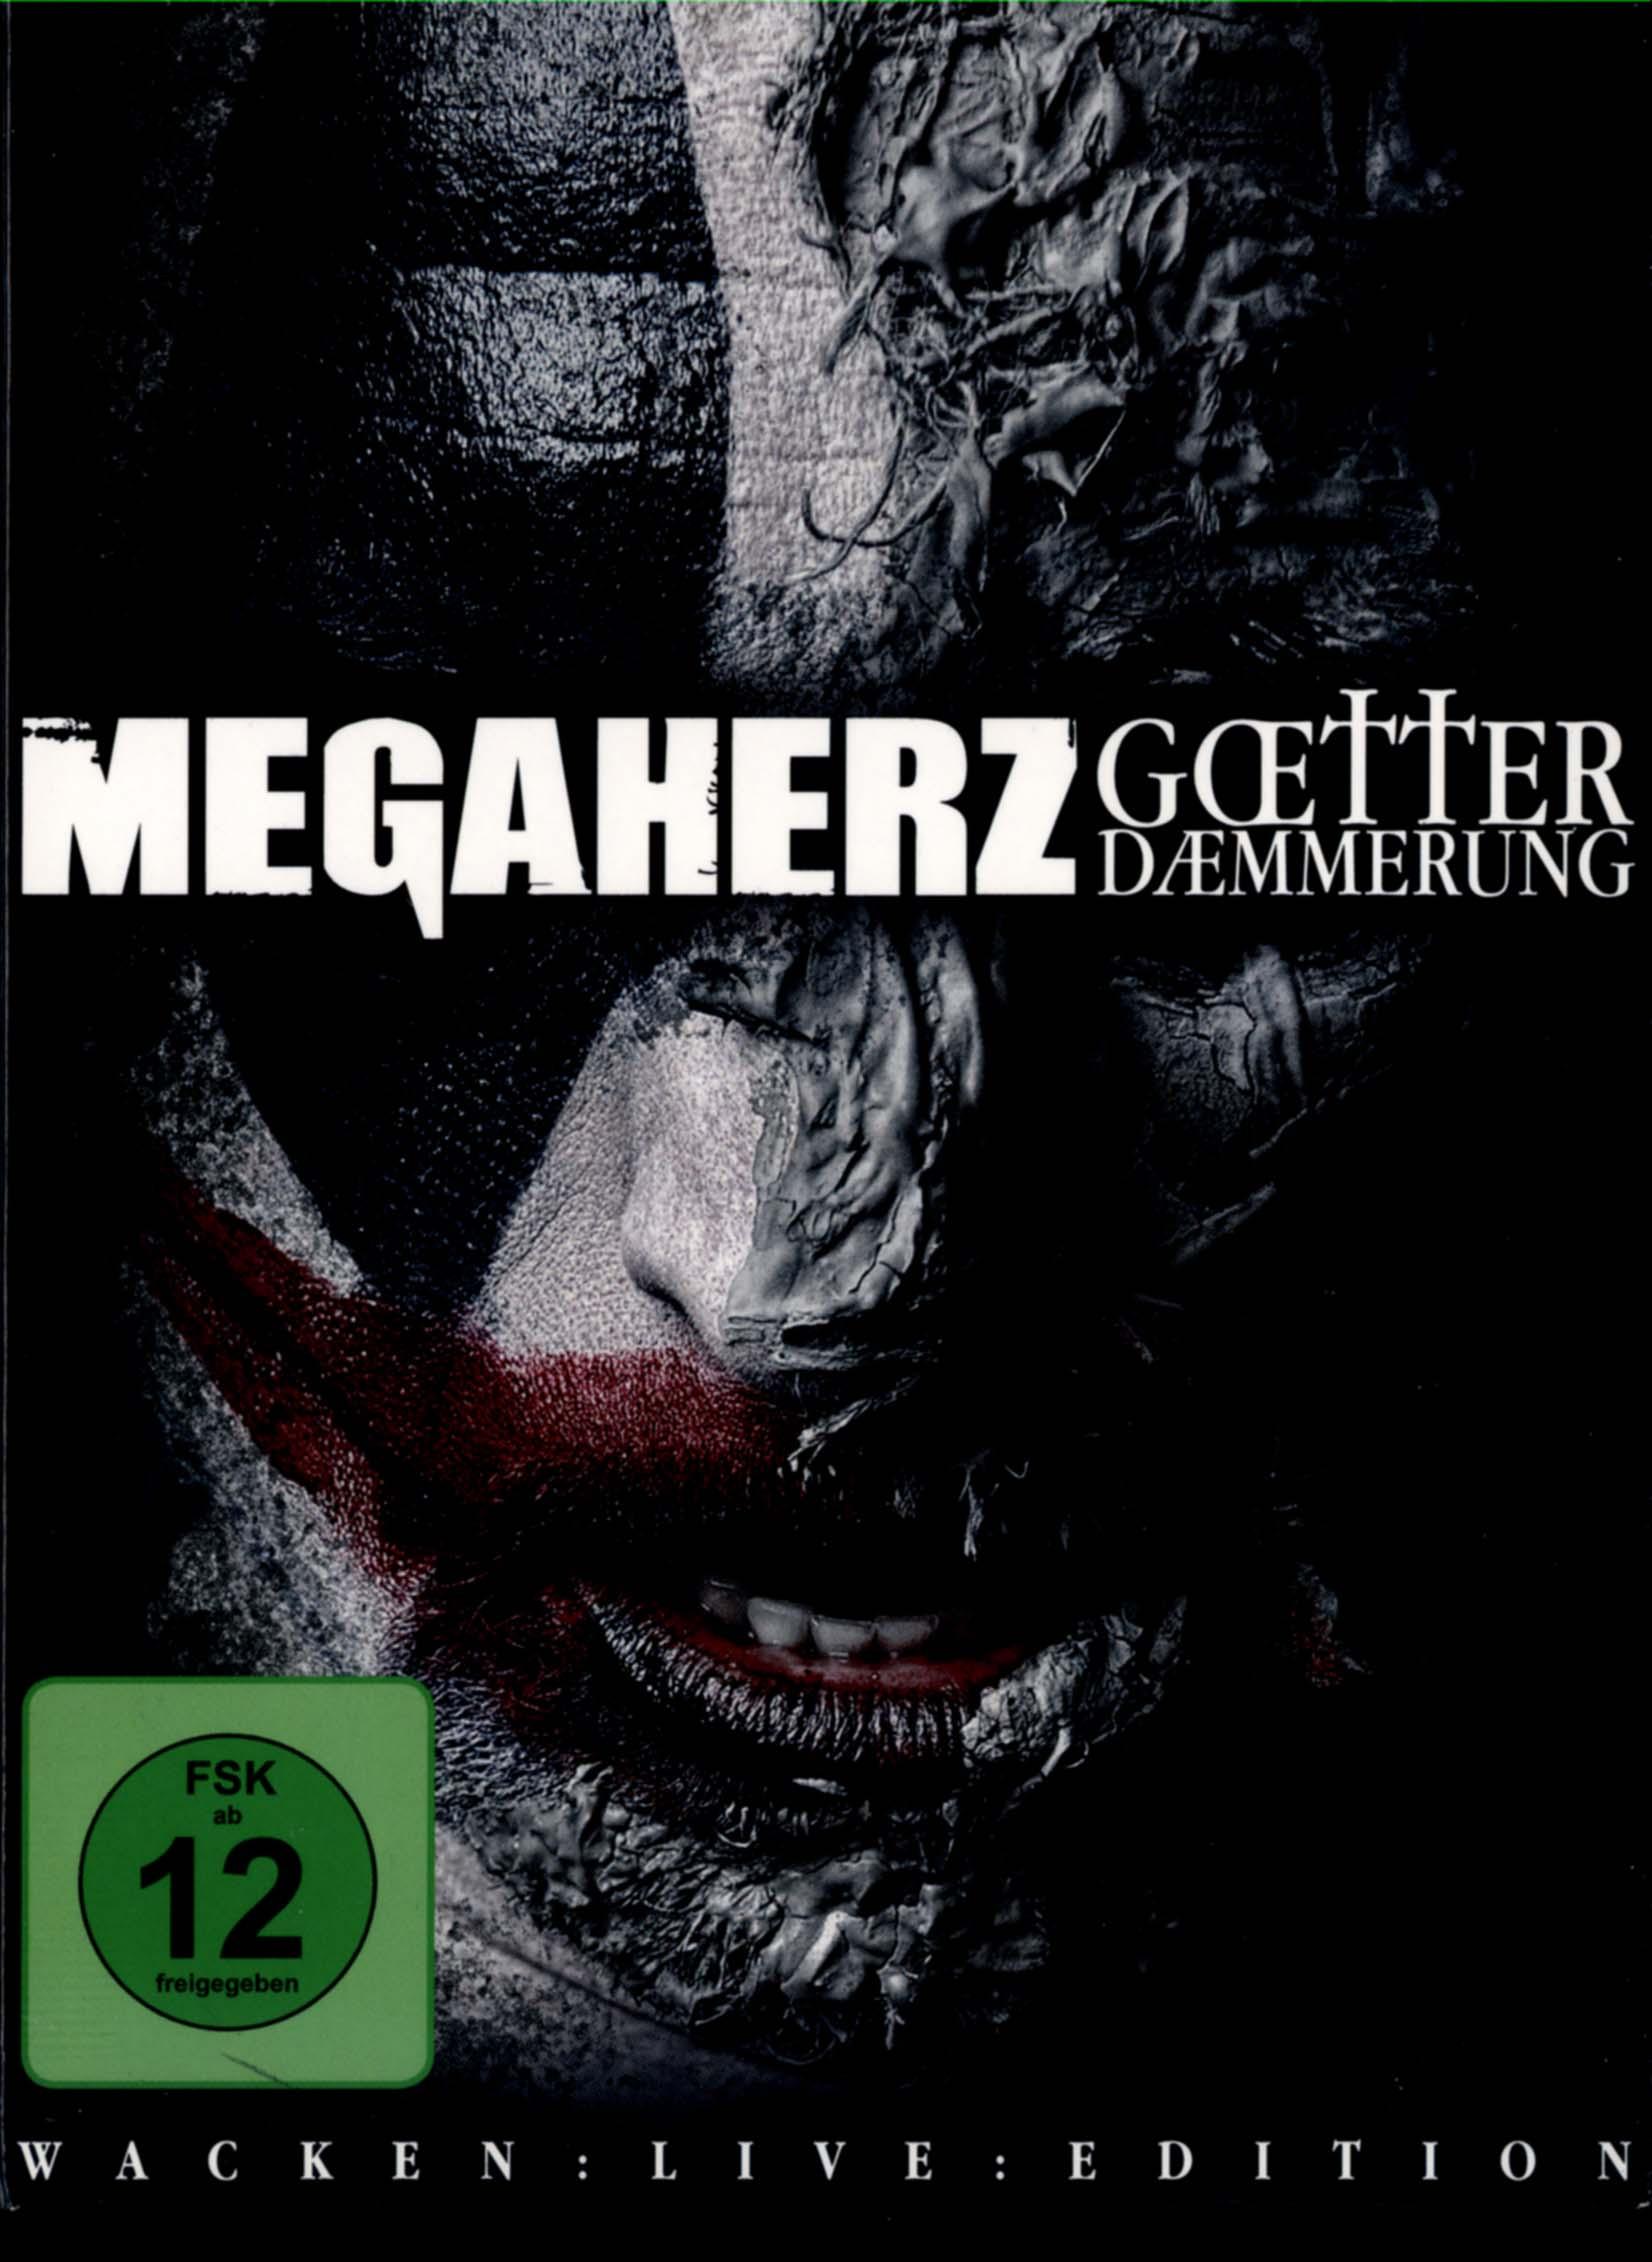 Megaherz: Goetter Daemmerung - Wacken: Live: Edition